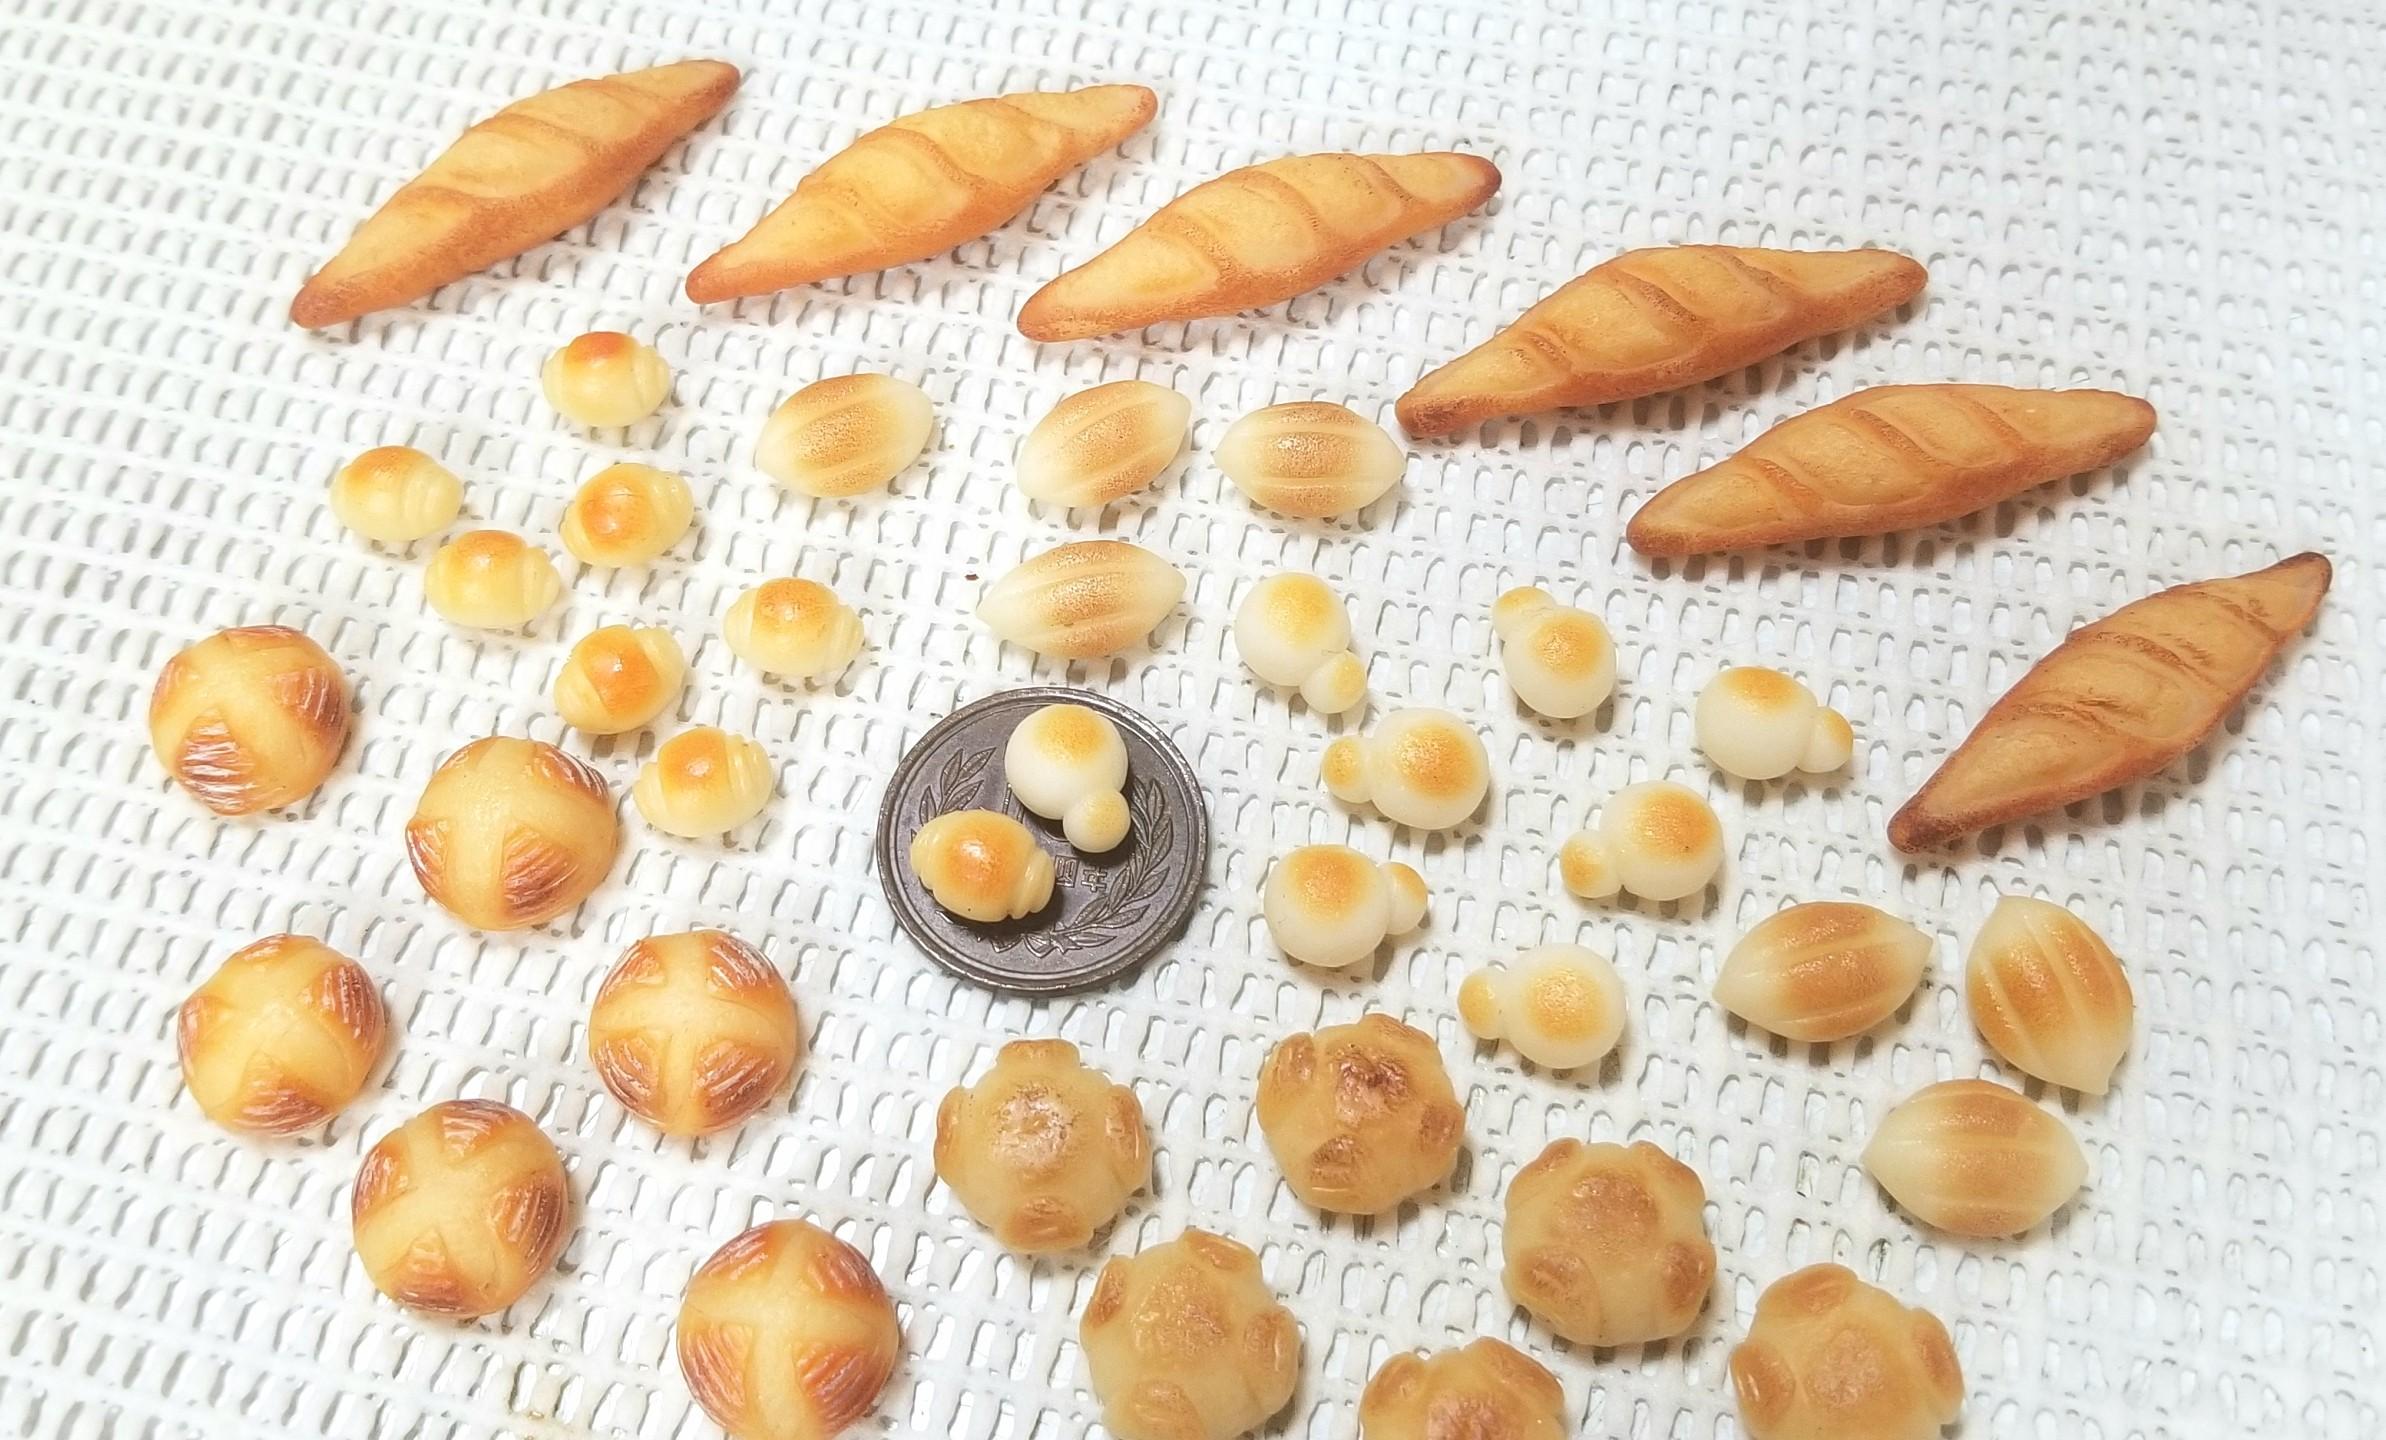 ミニチュア,パン,樹脂粘土,ドール,バケット,バターロール,サンプル